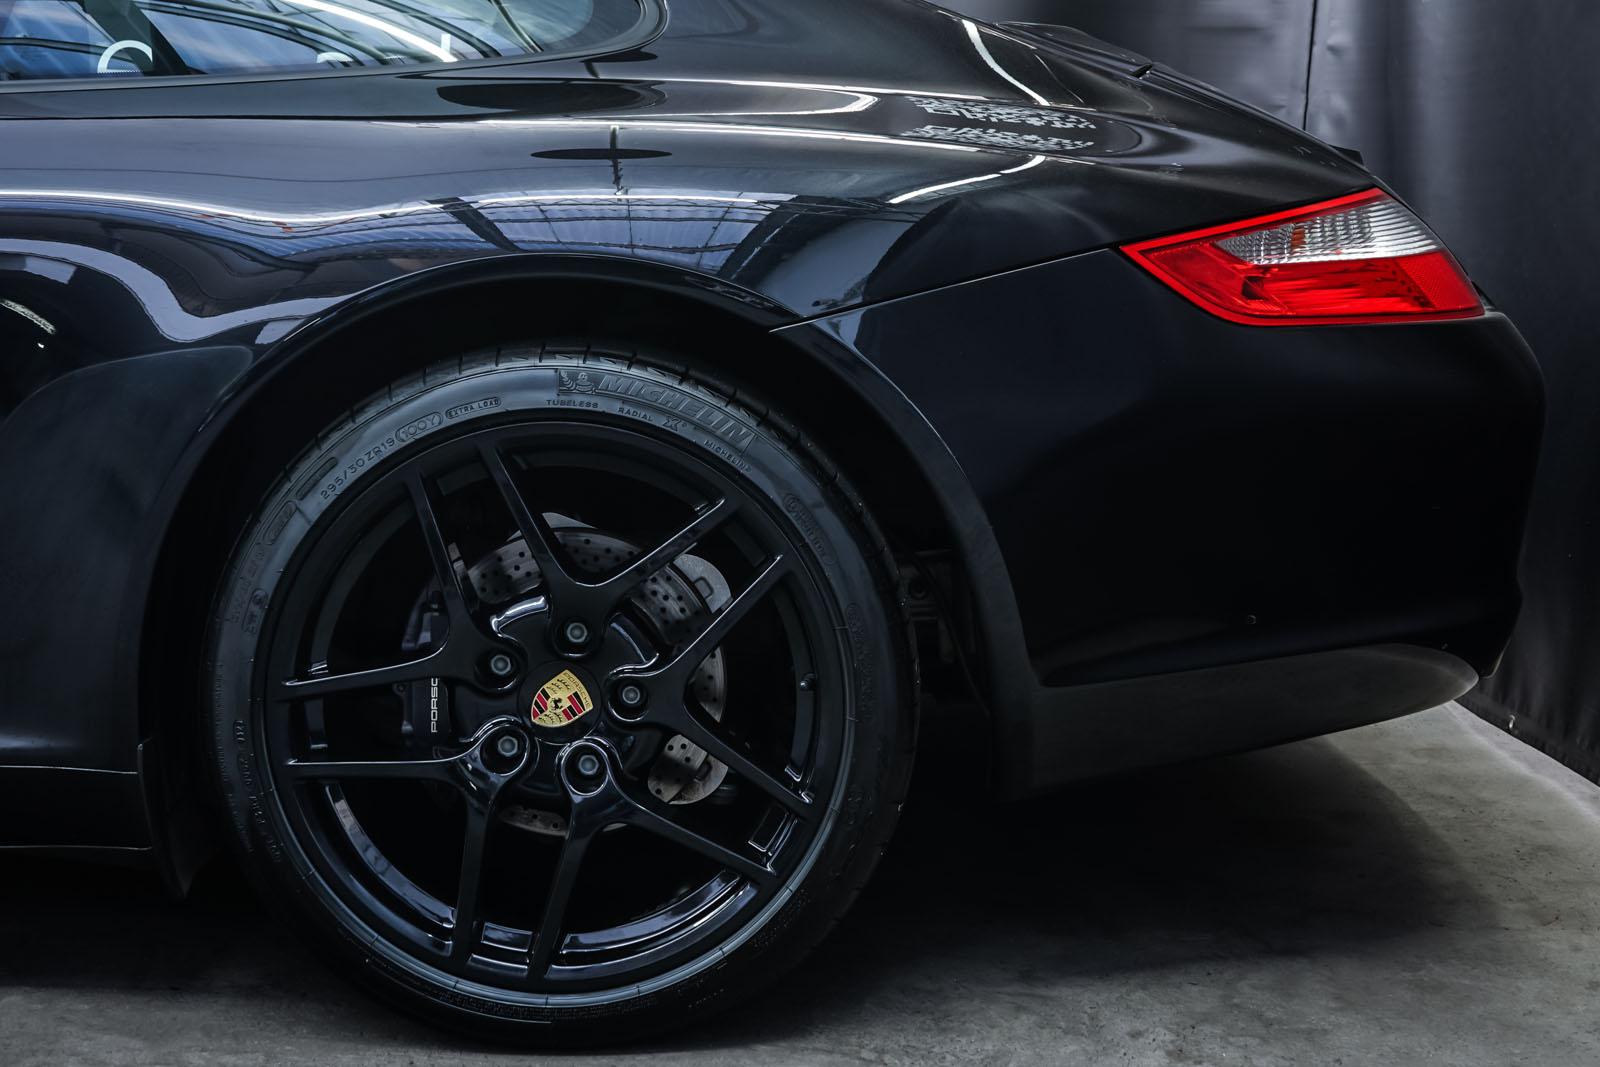 Porsche_997_C2_Schwarz_Schwarz_POR-3384_4_w